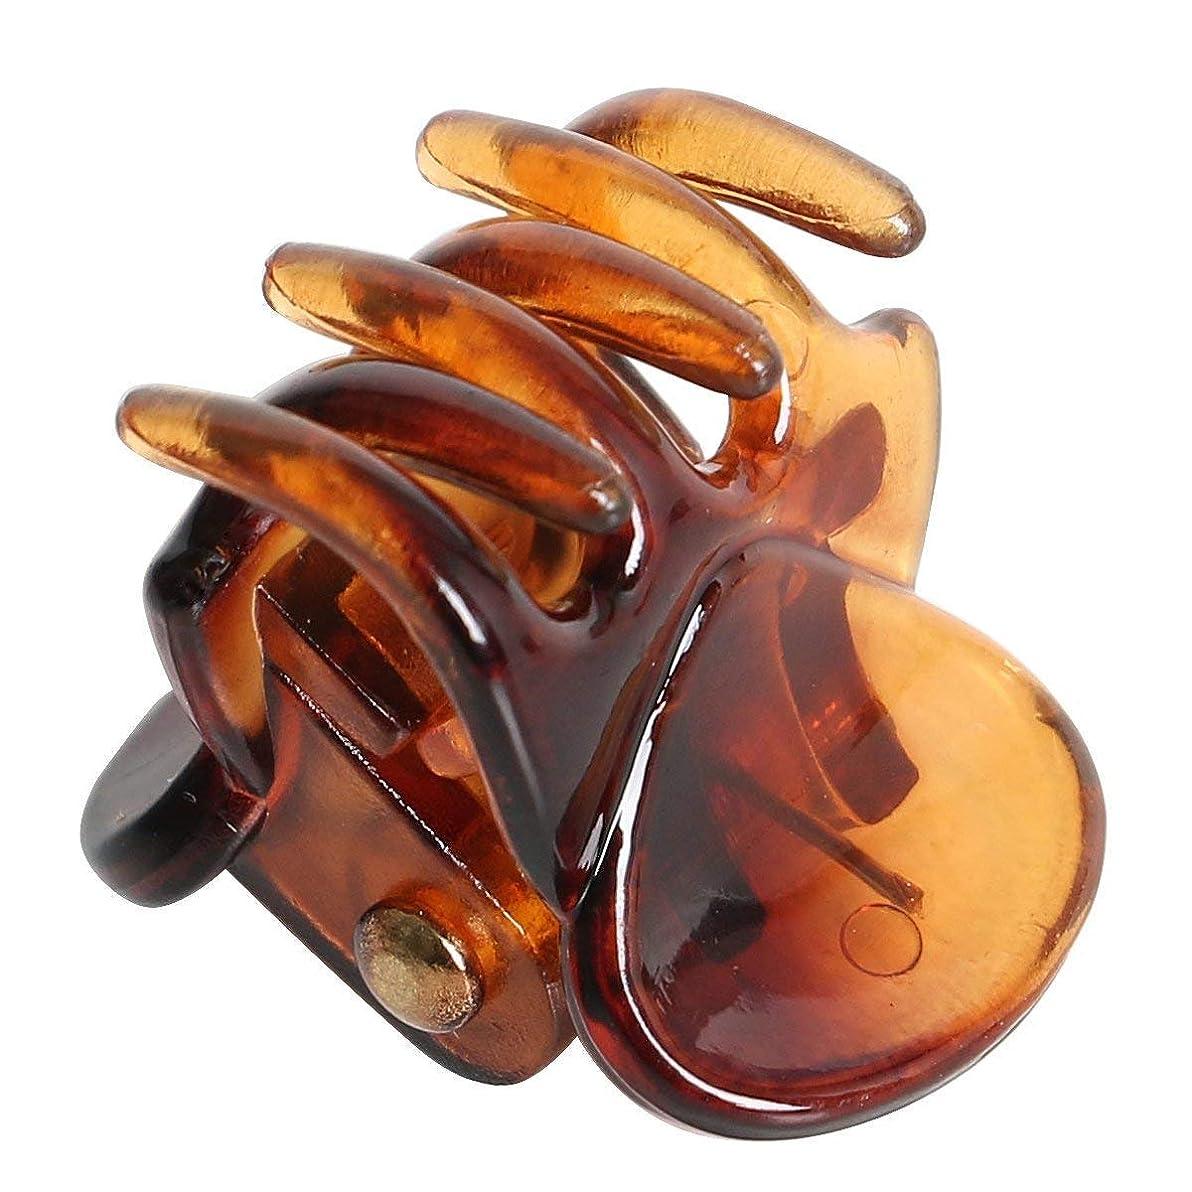 食べるセラー銃Semoic ヘアクリップ ブラウン ミニヘアピン ブラウン スタイリッシュ クランプ クリップx 12